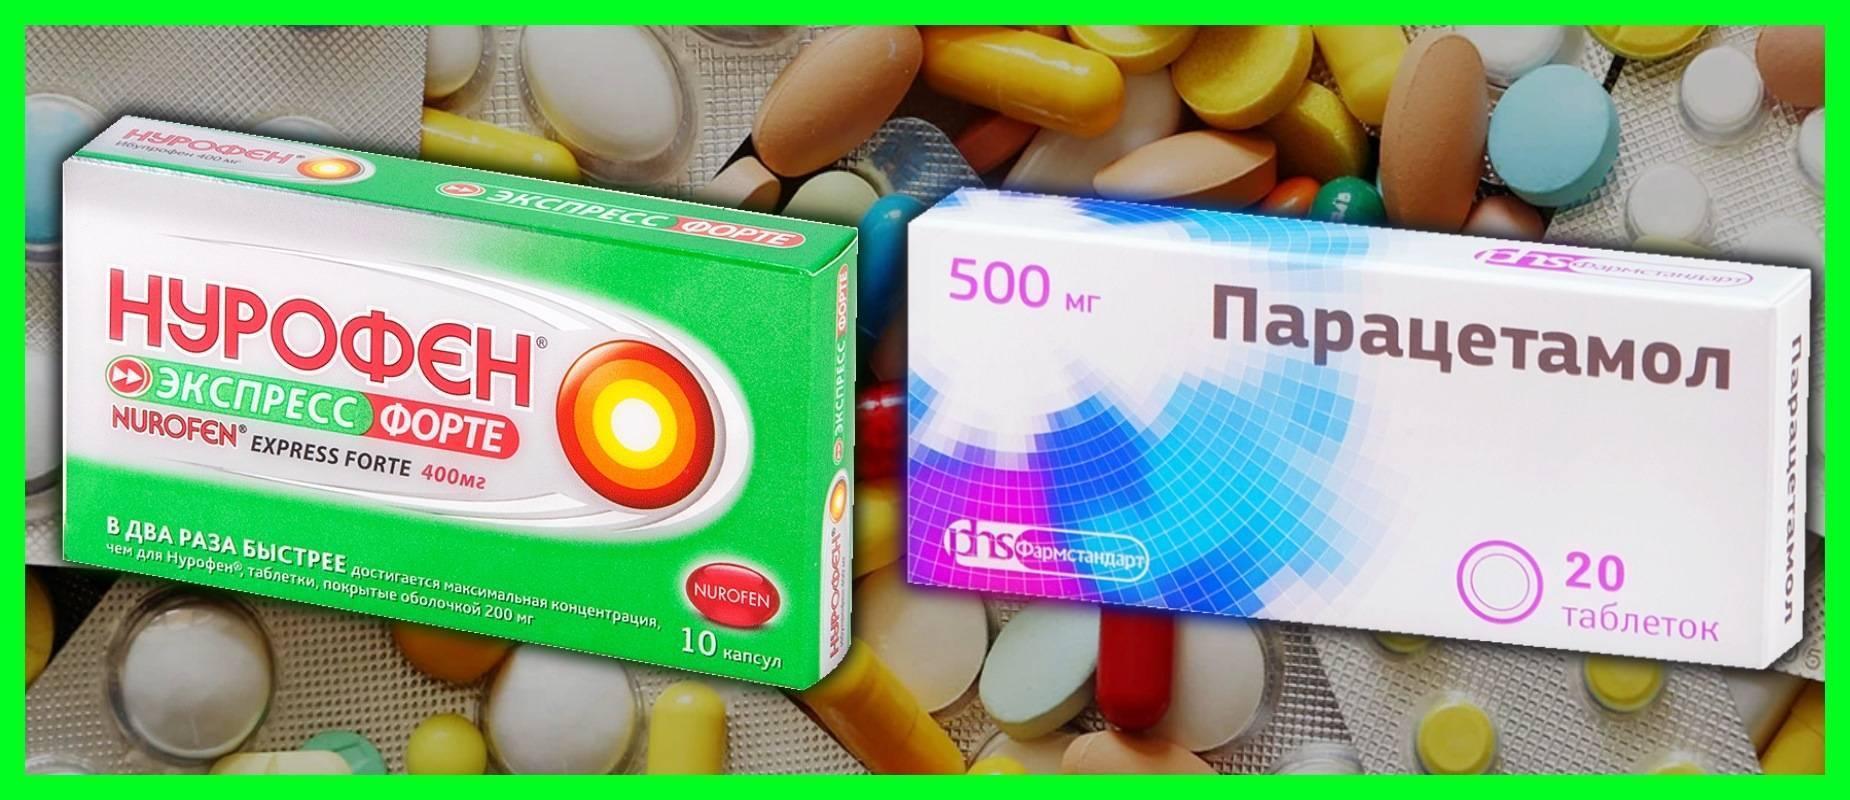 Можно ли давать ибупрофен и парацетамол вместе. можно ли давать ребенку парацетамол и ибупрофен одновременно? способ применения и дозы